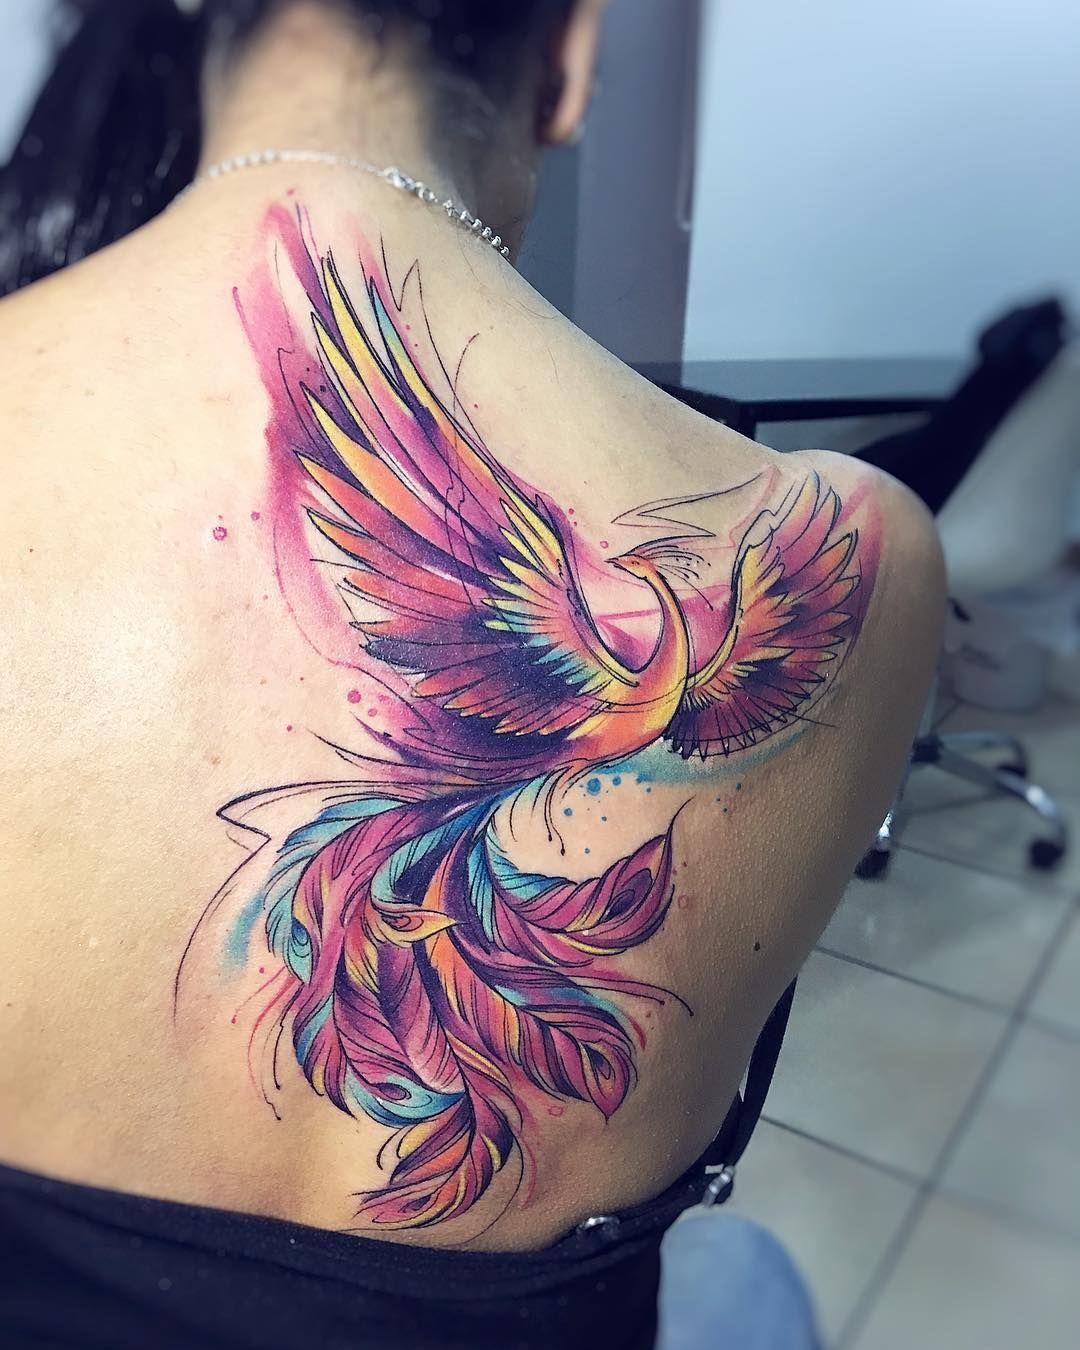 Adrianbascur Tatouage Phoenix Tattoo Tatuaje Colors Aquarelle Watercolor Acuarela Fenix Bird A Tatuaje Fénix Acuarela Ave Fenix Tatuaje Ave Fenix